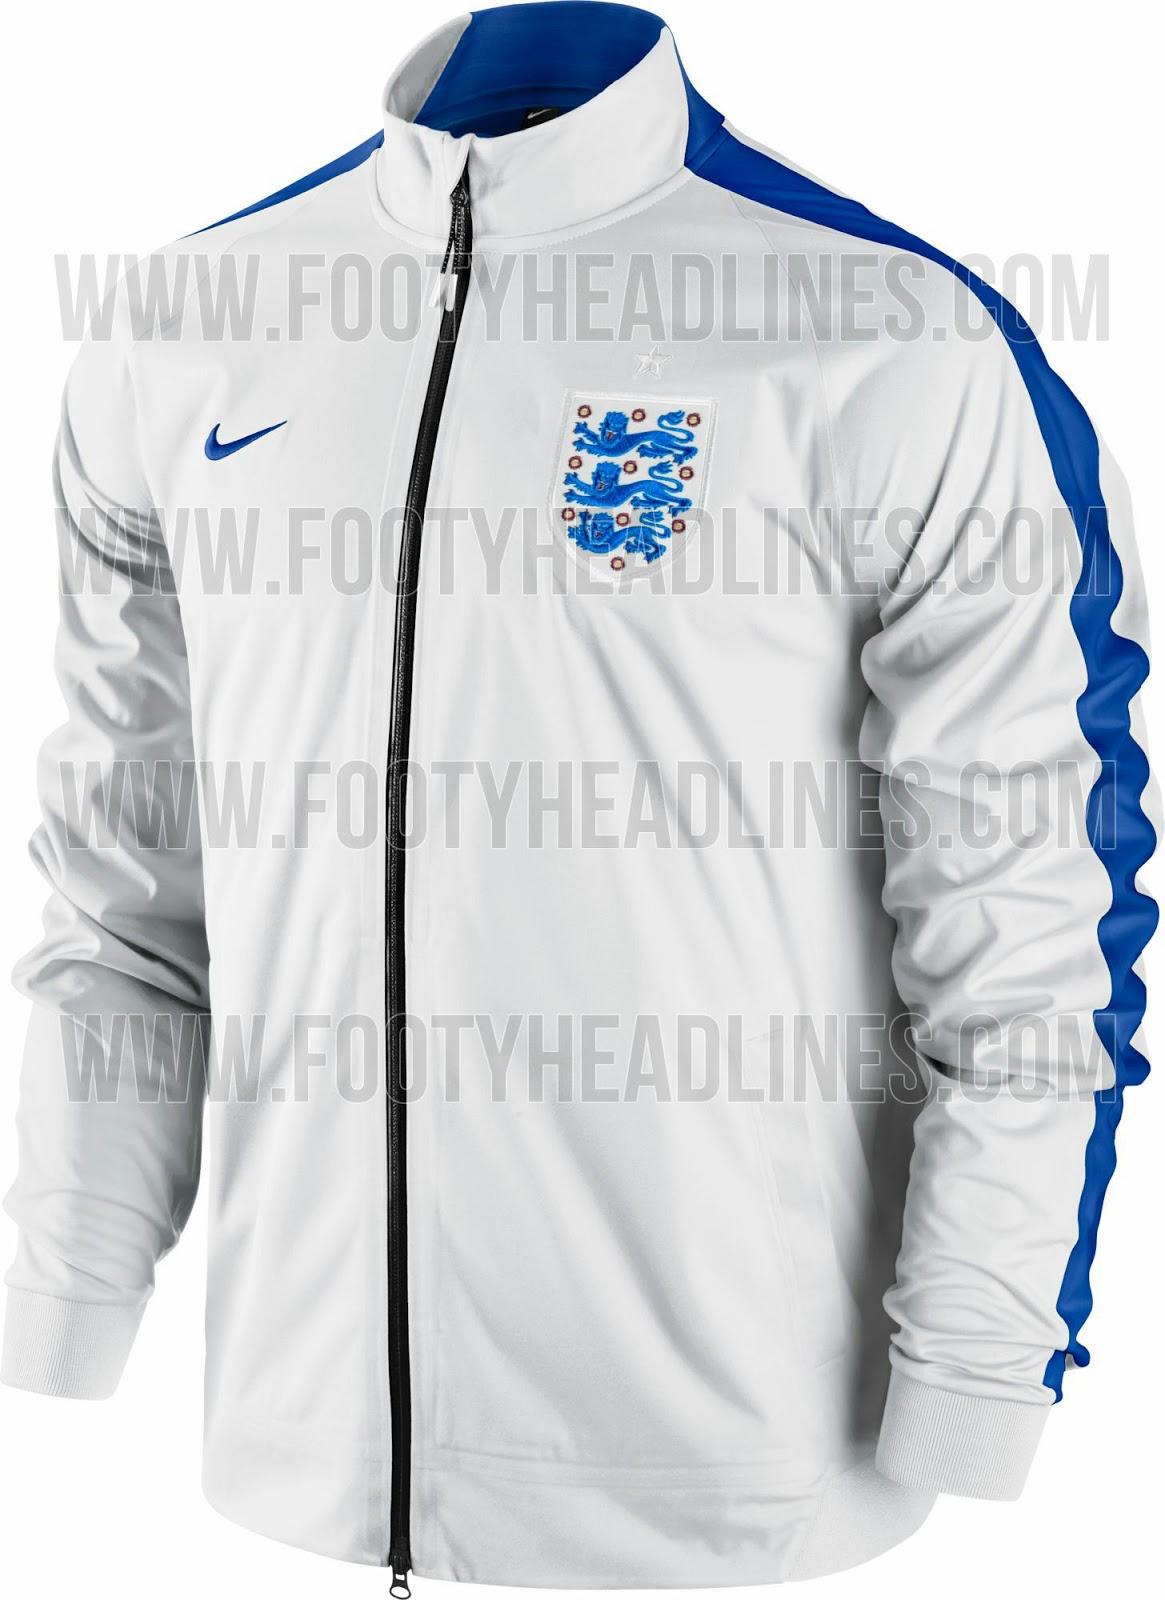 Anthem Jacket England The England 2014 Anthem Jacket